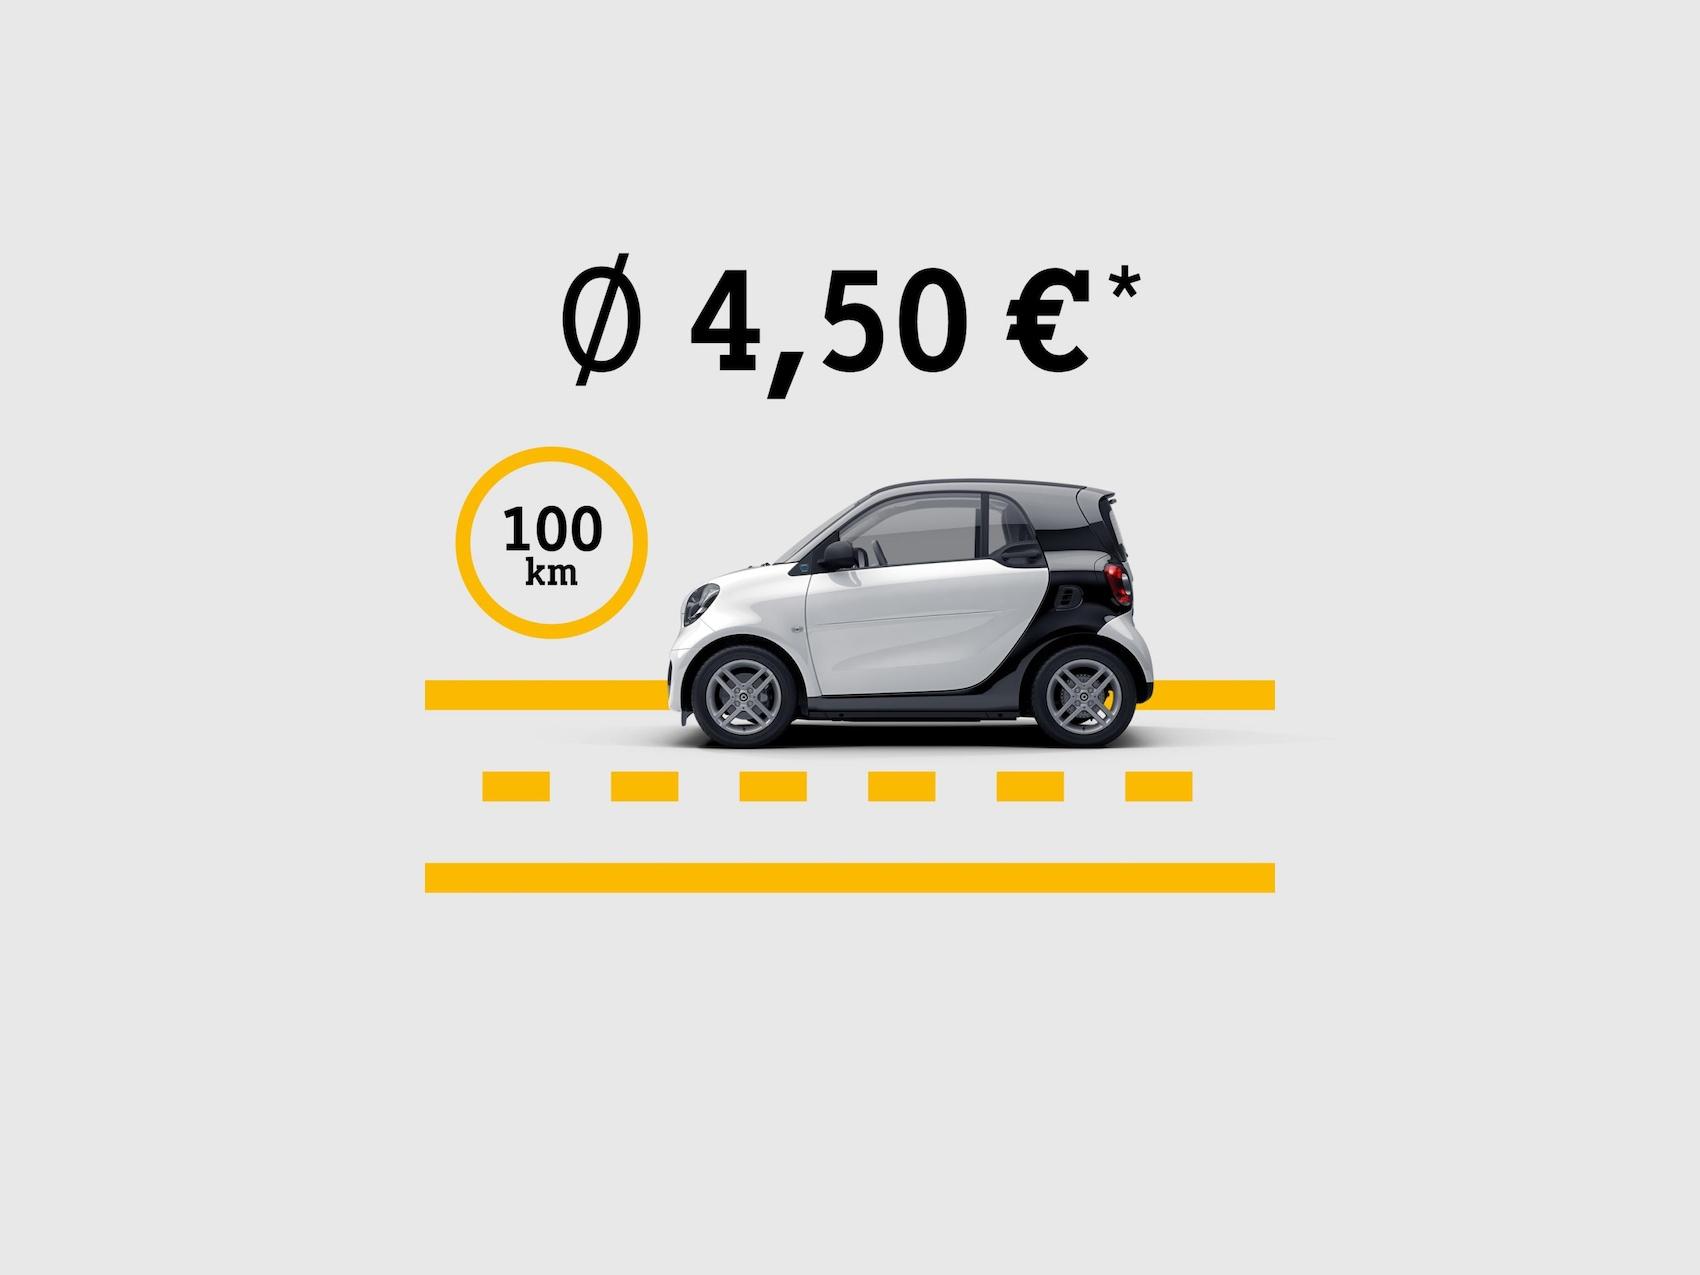 Grafische weergave van de stroomkosten van een smart EQ fortwo, afgebeeld op een tekening van een straat.